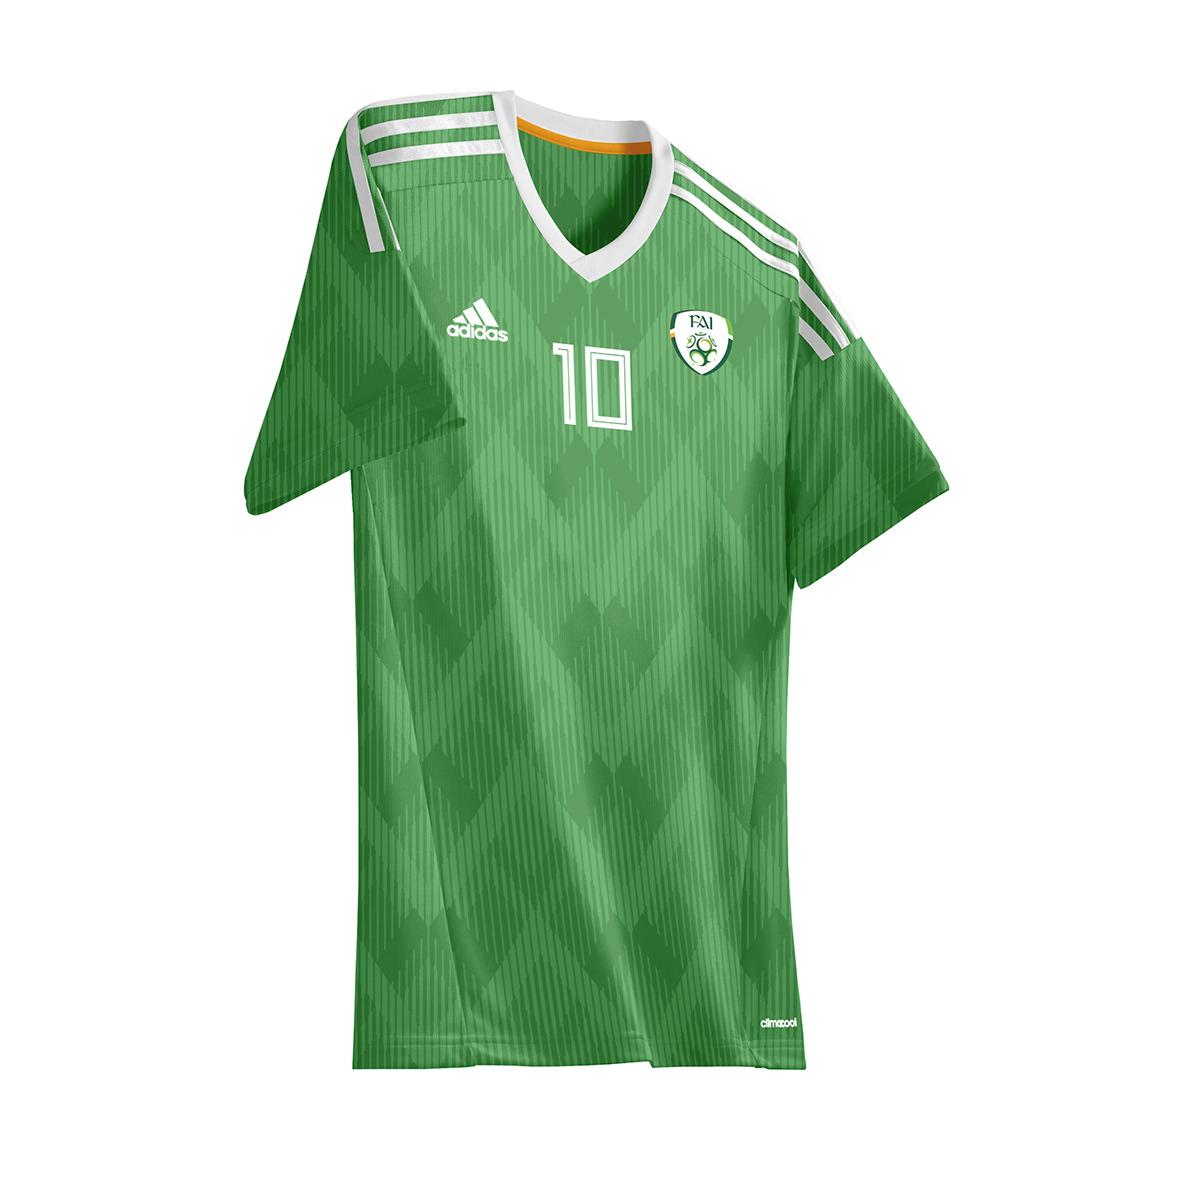 81e1de3e0328e Adidas Retro World Cup Jerseys Recreated on Behance